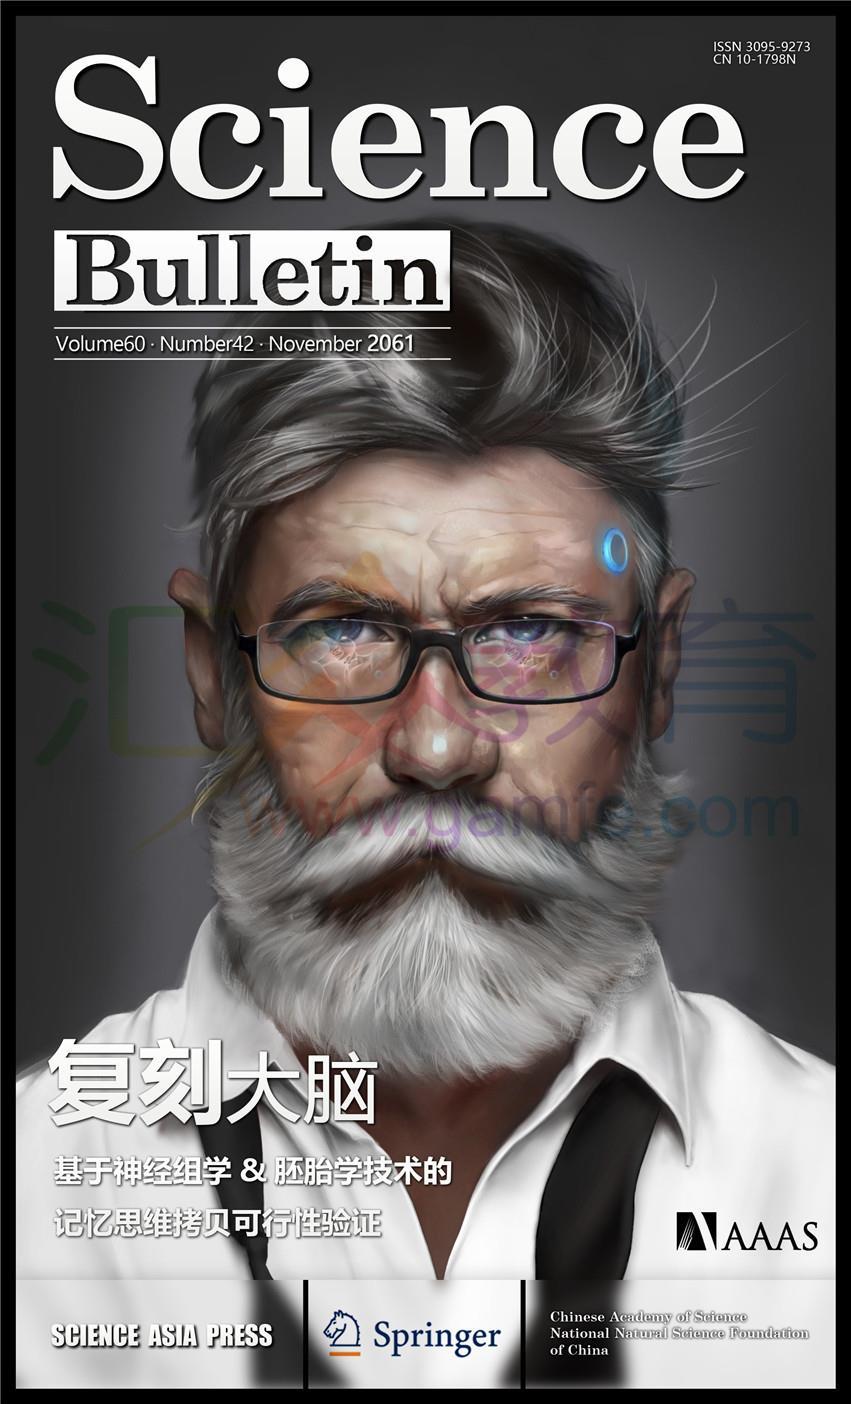 《科学杂志封面》